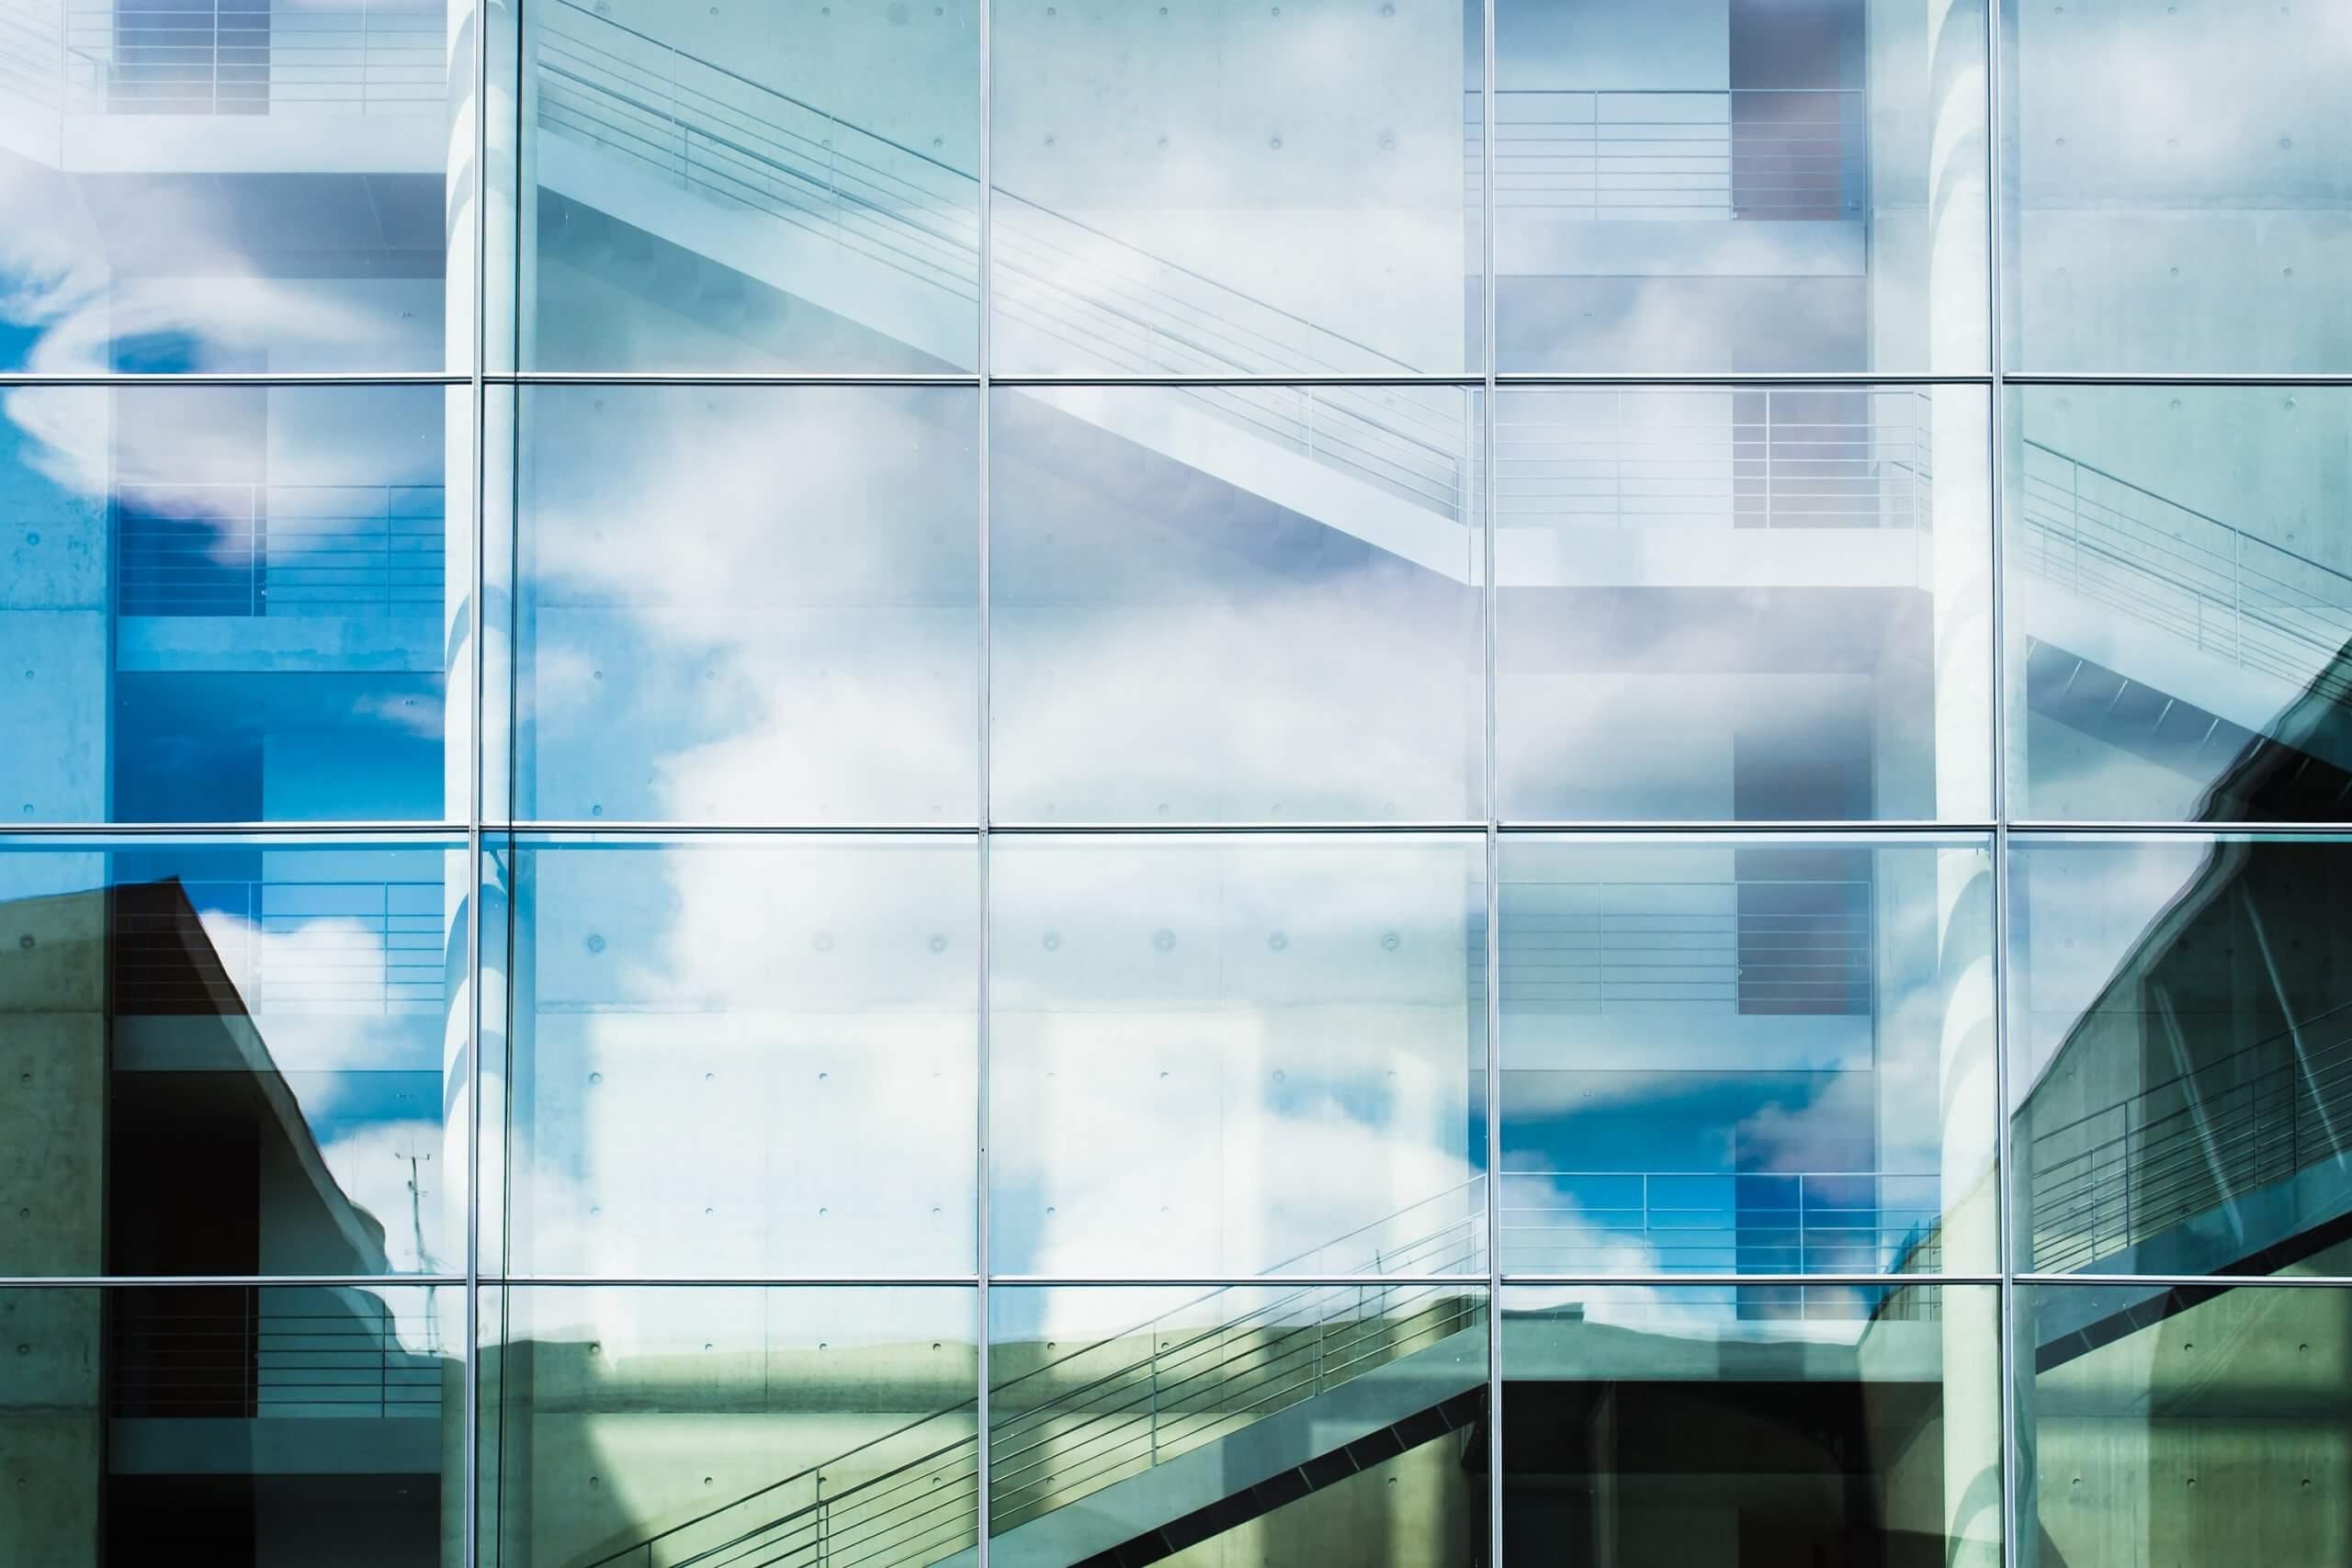 Studija pokazala kako bi uskoro zahvaljujući prozorima mogli dobivati besplatnu energiju